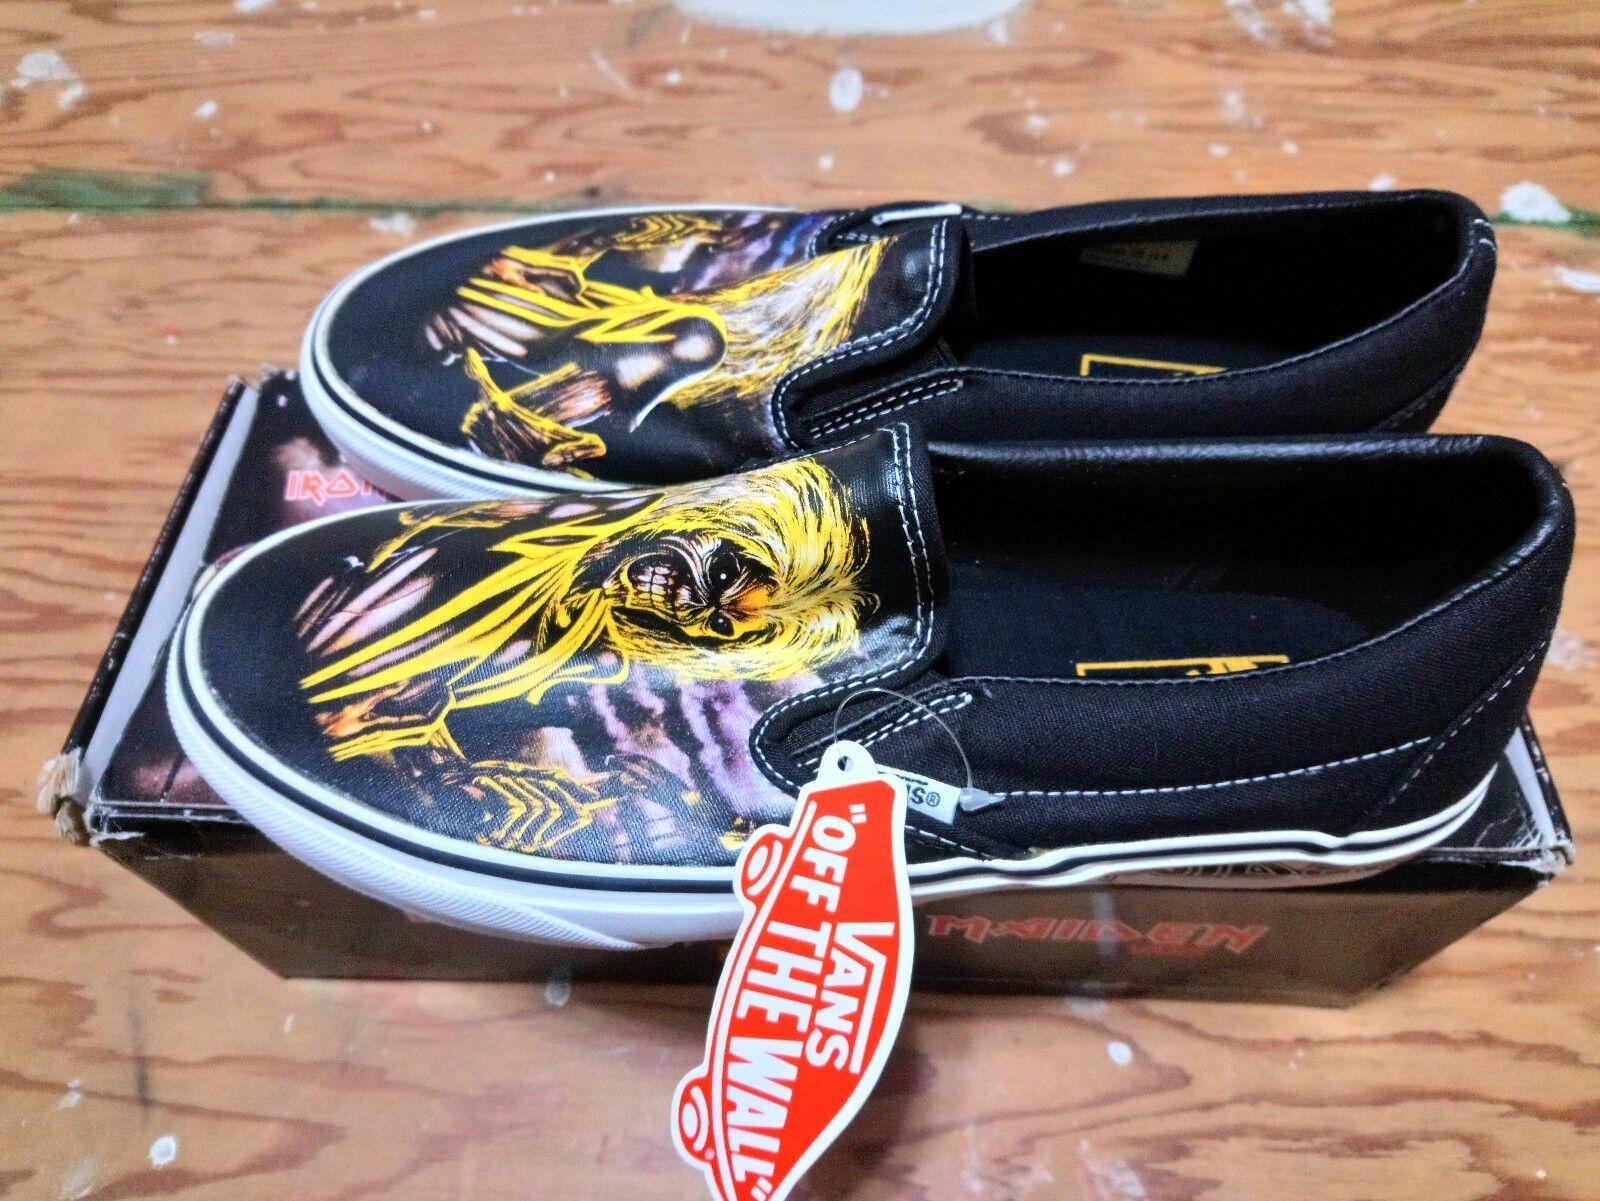 Vans X Iron Maiden Killers Yellow Black Size 9 supreme wtaps syndicate mastodon